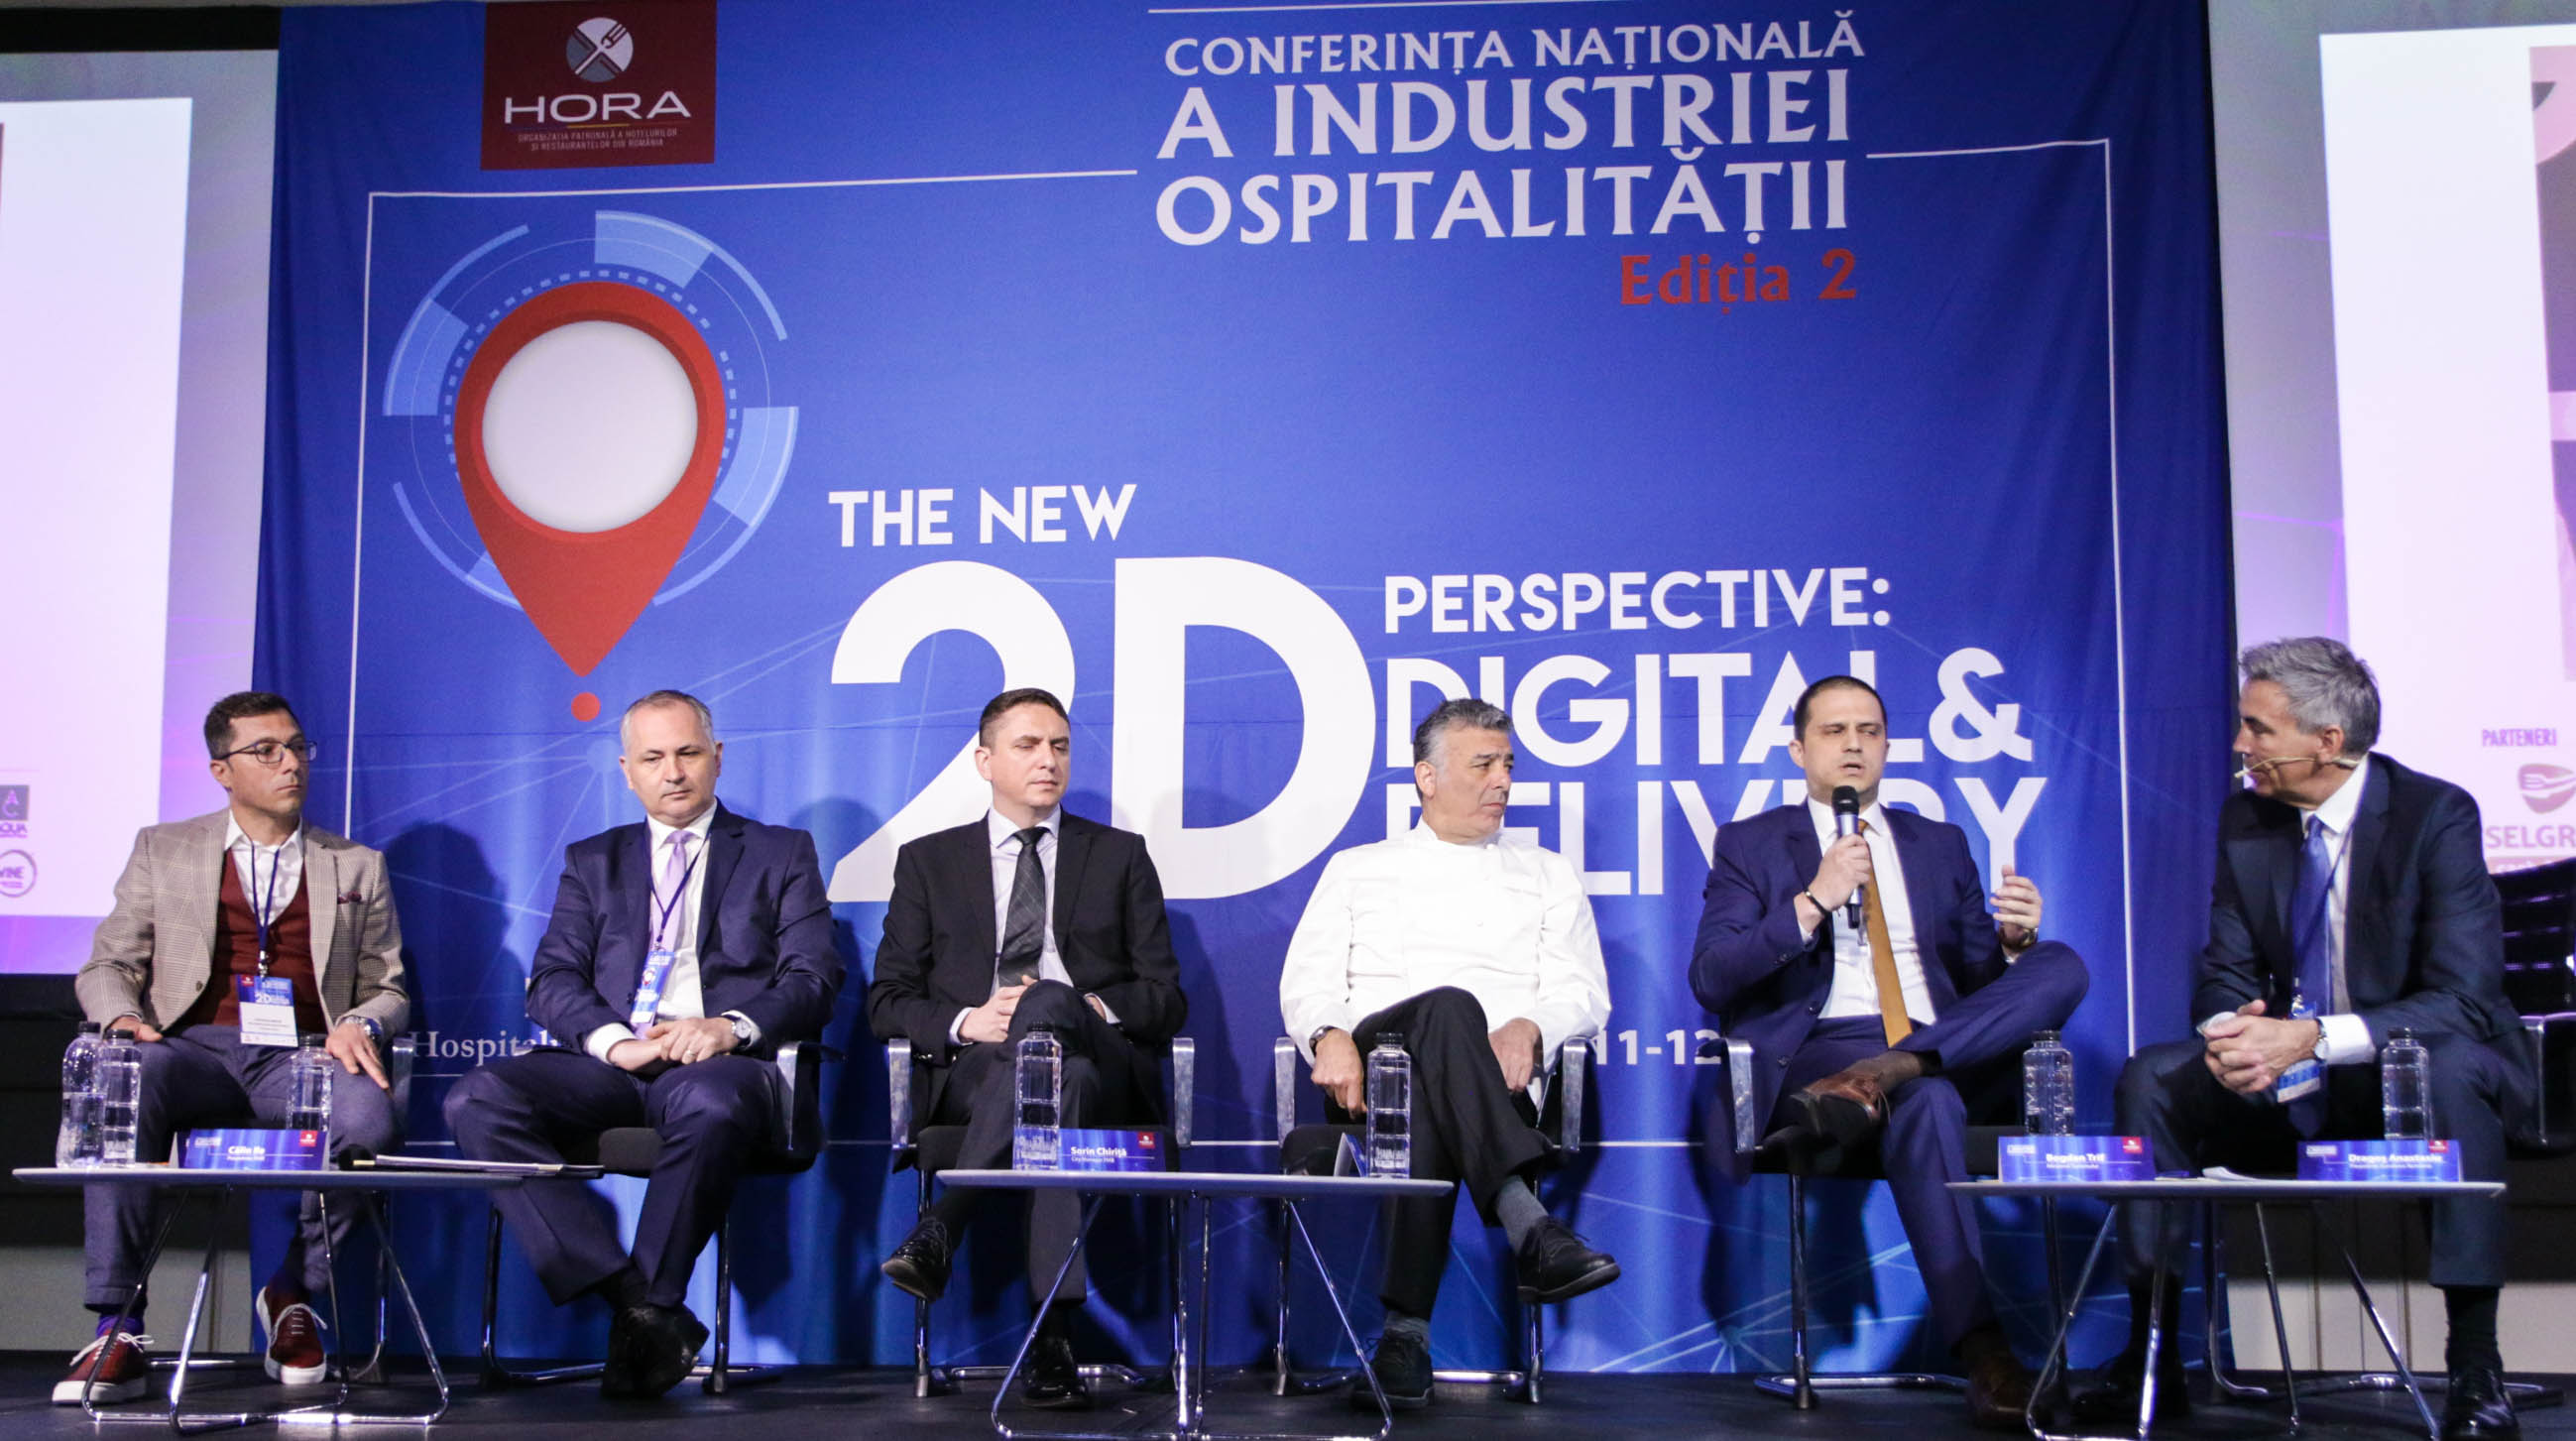 Digitalizare si food delivery la CNIO 2018